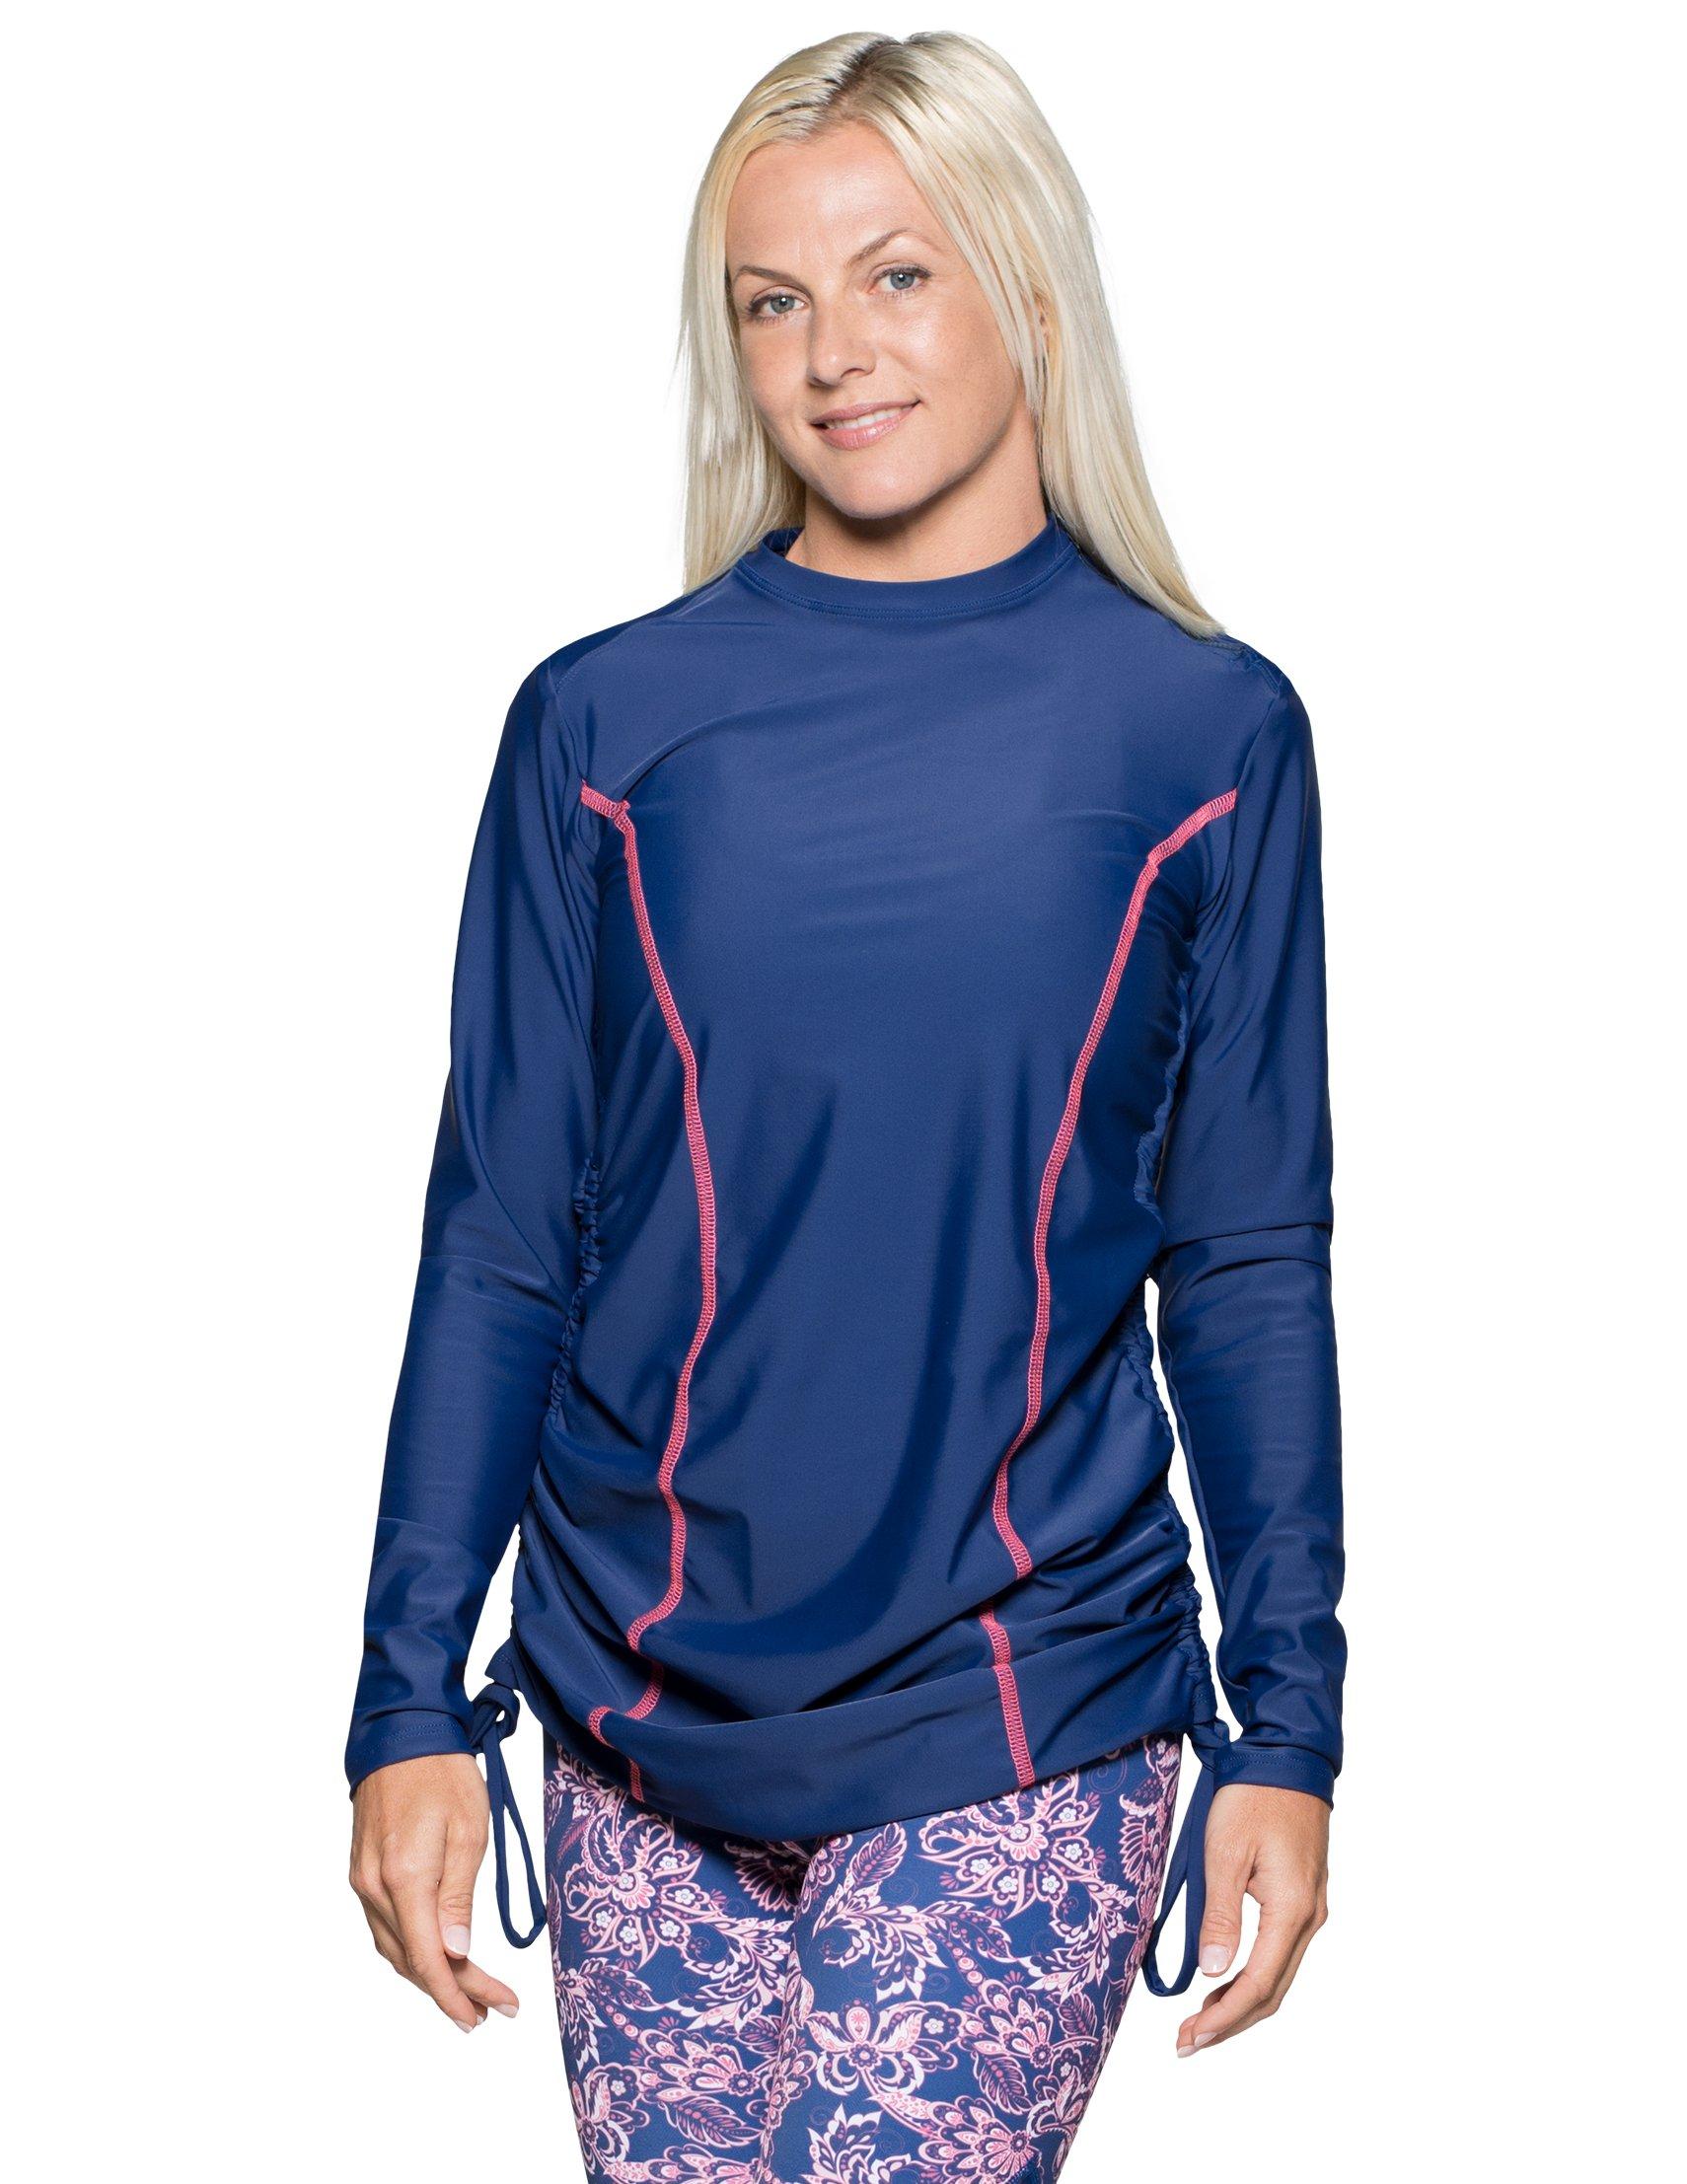 Tuga Women's Ruched Swim Shirt (UPF 50+), Navy, Medium